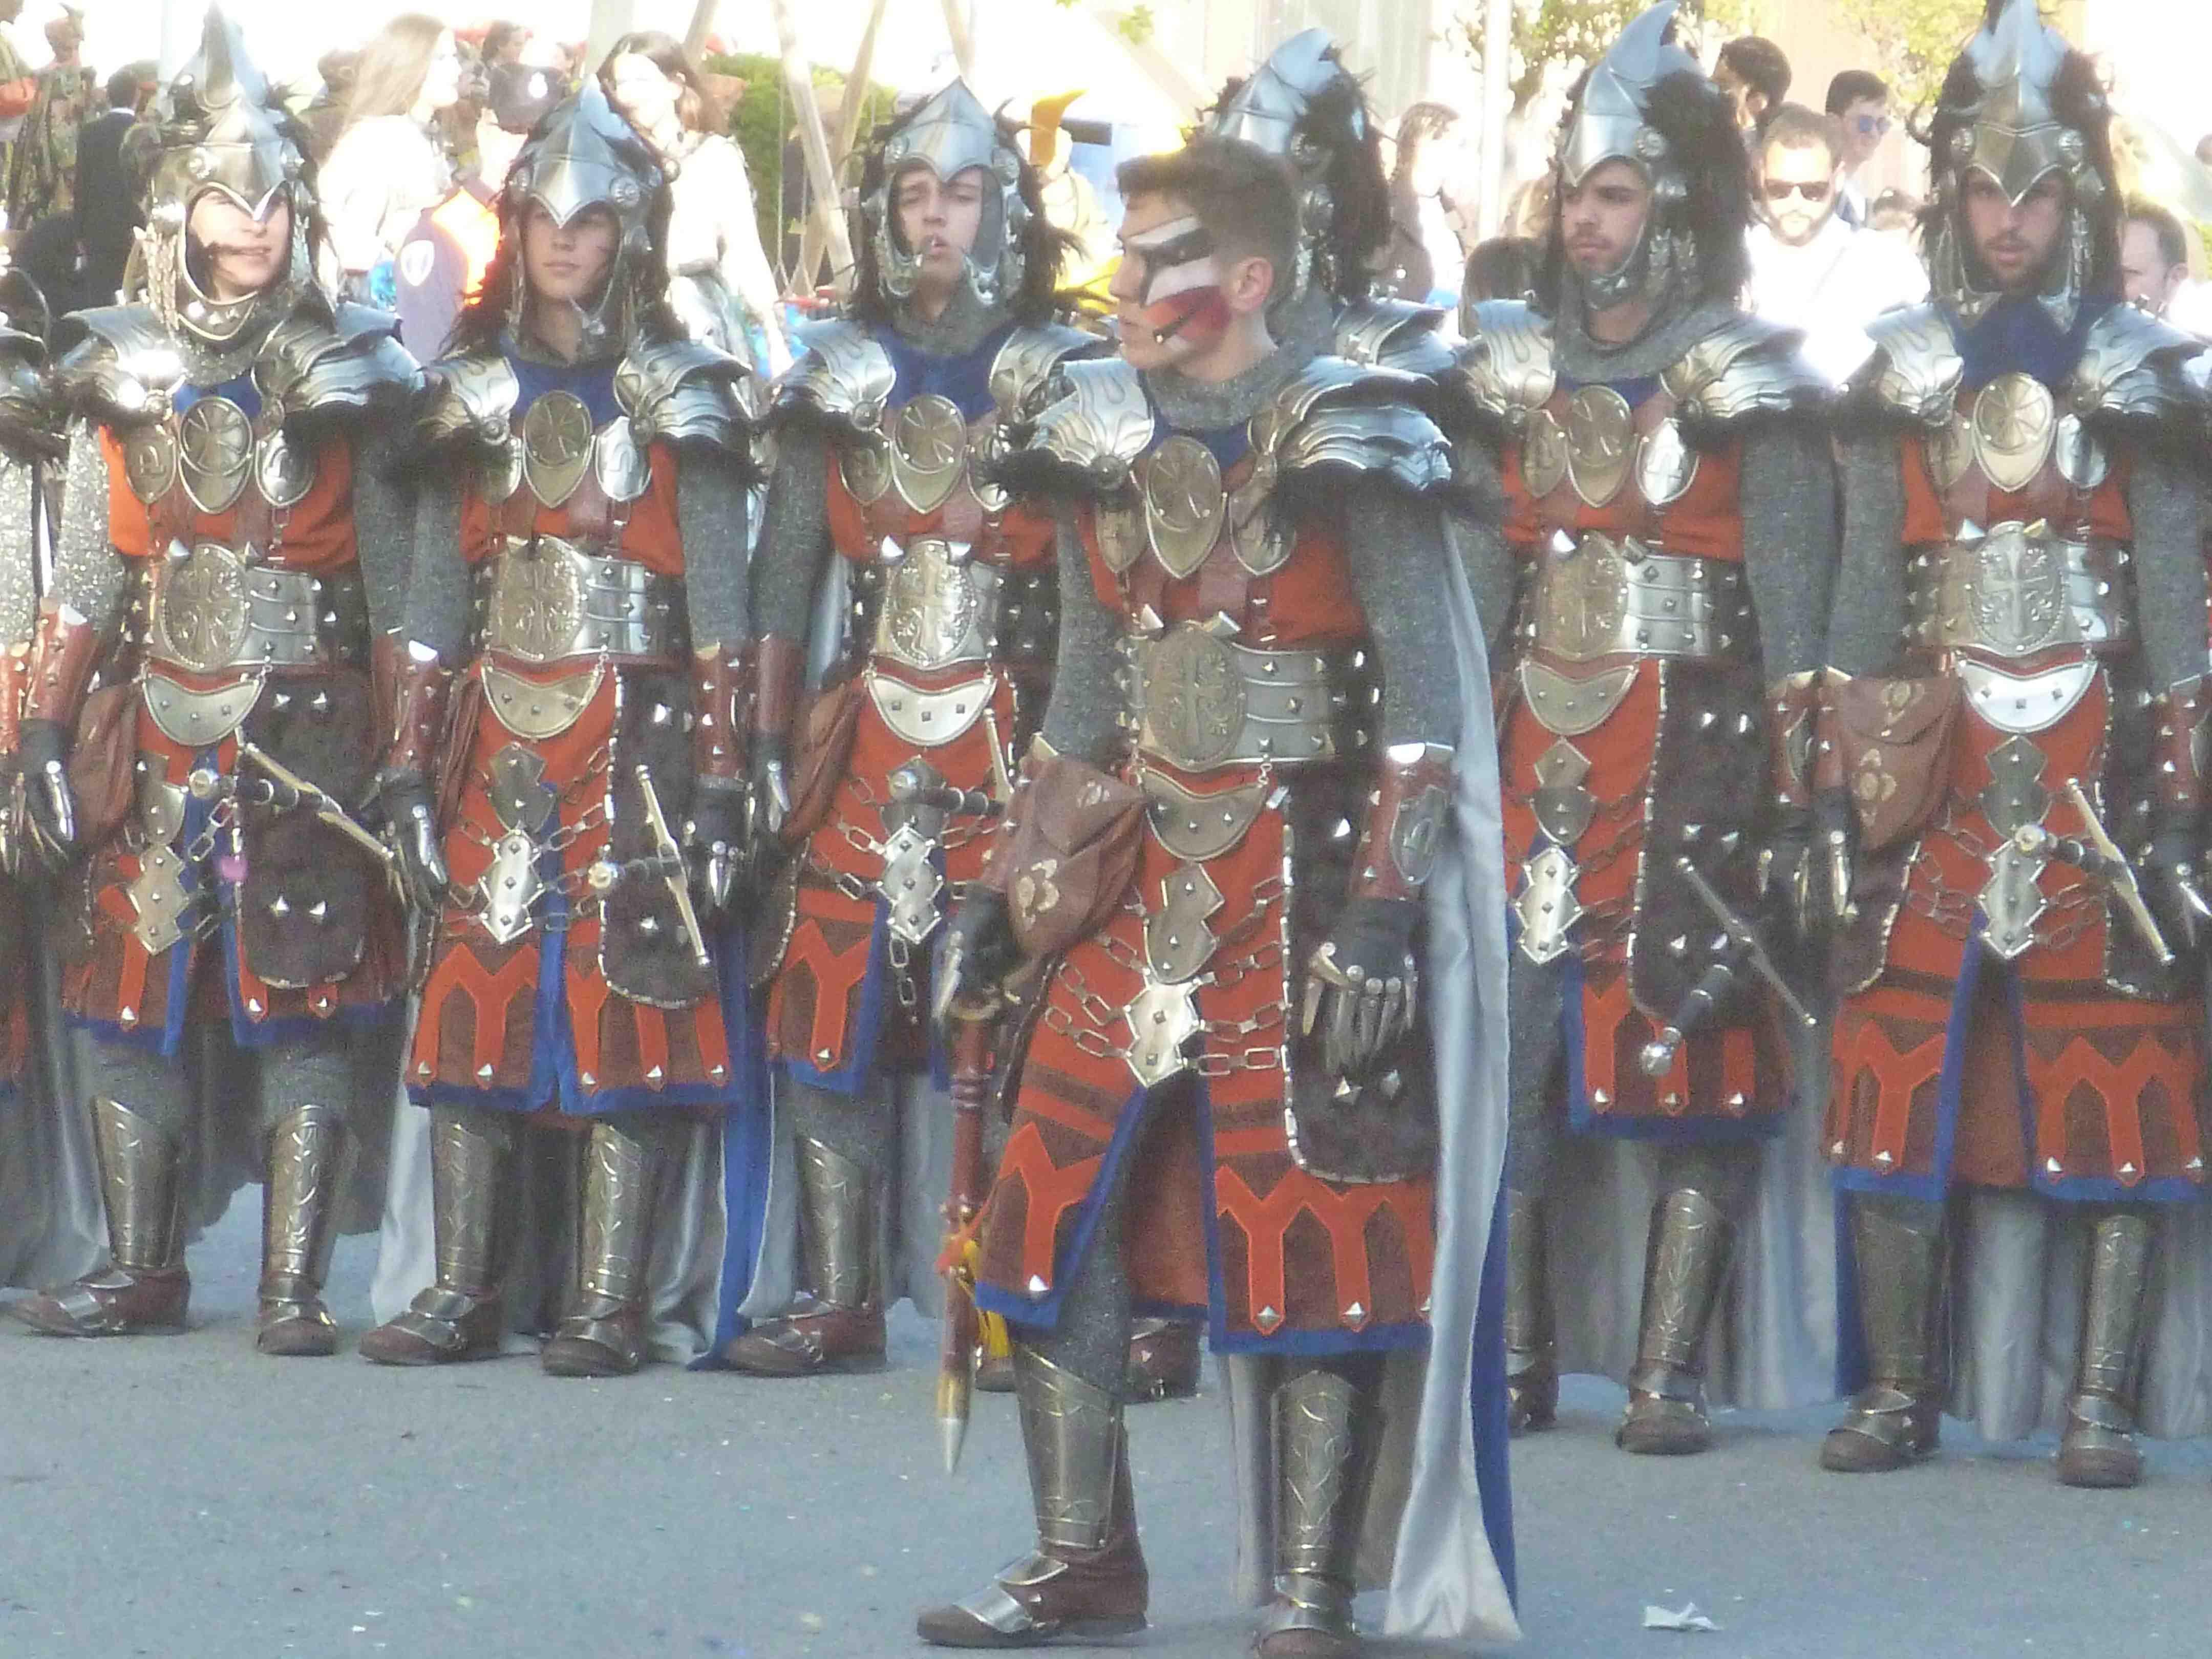 L'Entrada de Festes d'Onil s'adelanta al 27 d'abril amb motiu de les eleccions generals